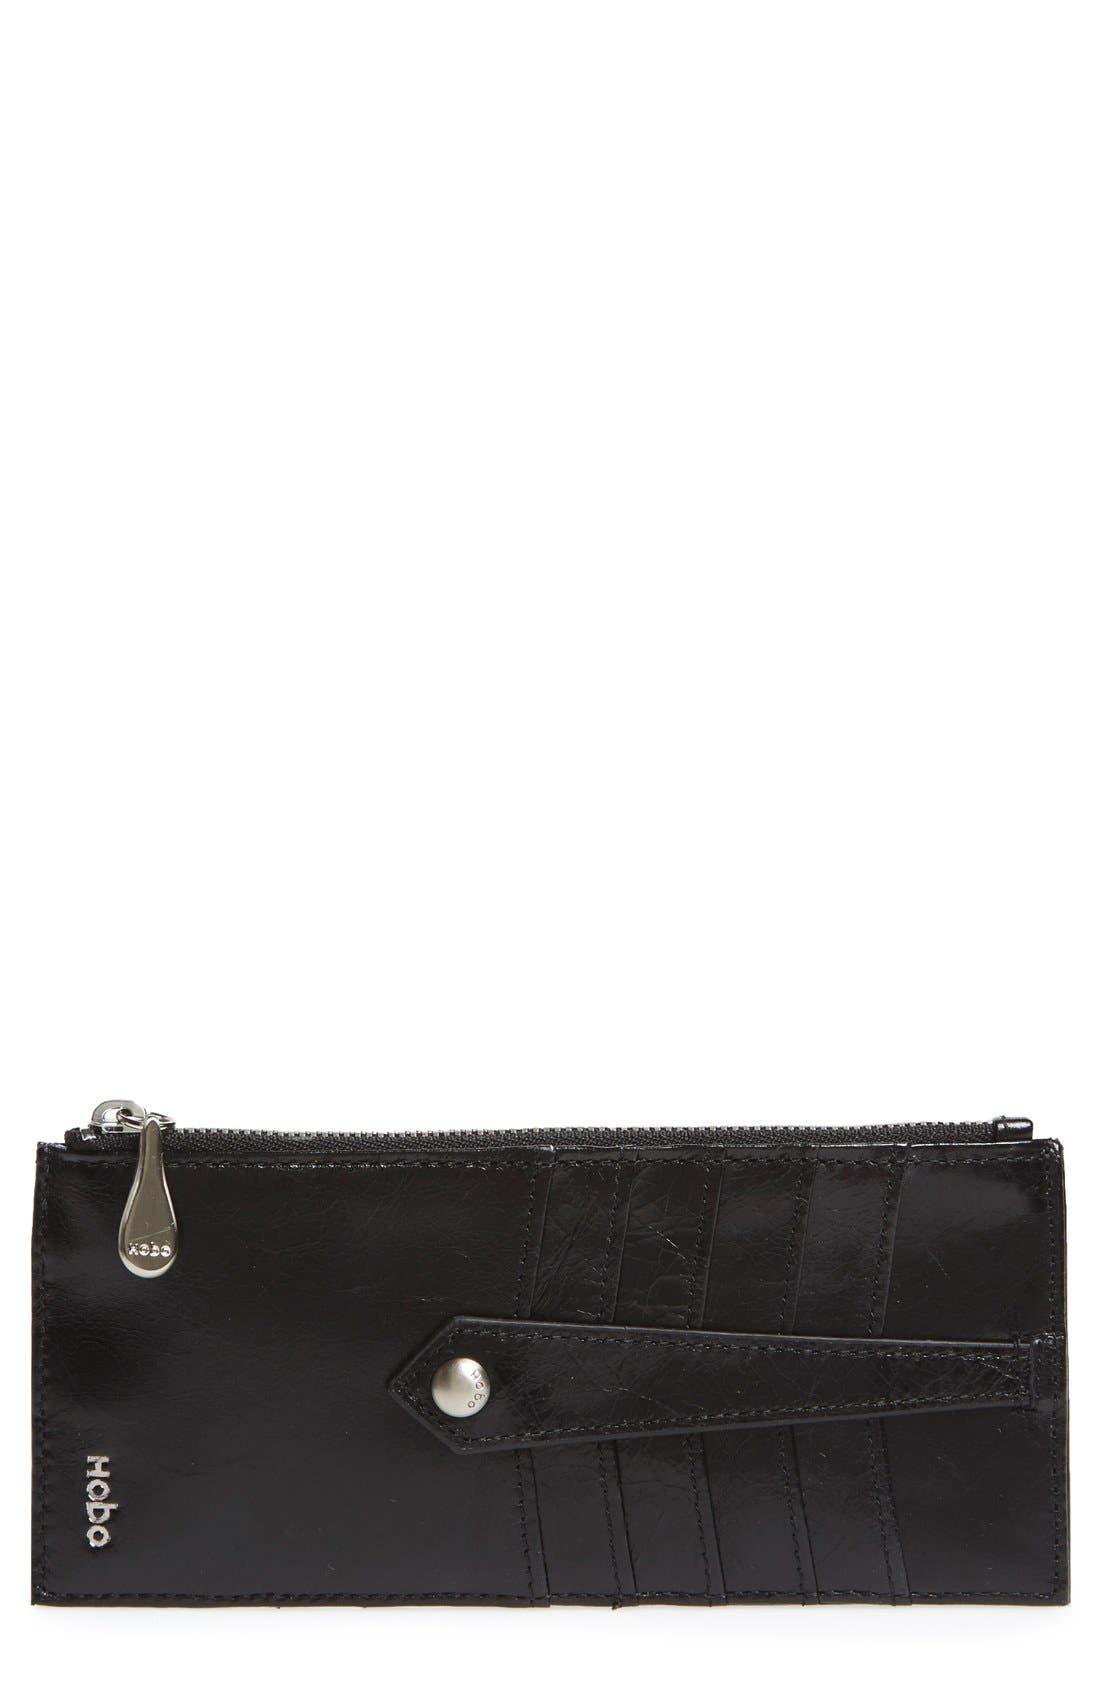 Alternate Image 1 Selected - Hobo 'Linn' Leather Card Case